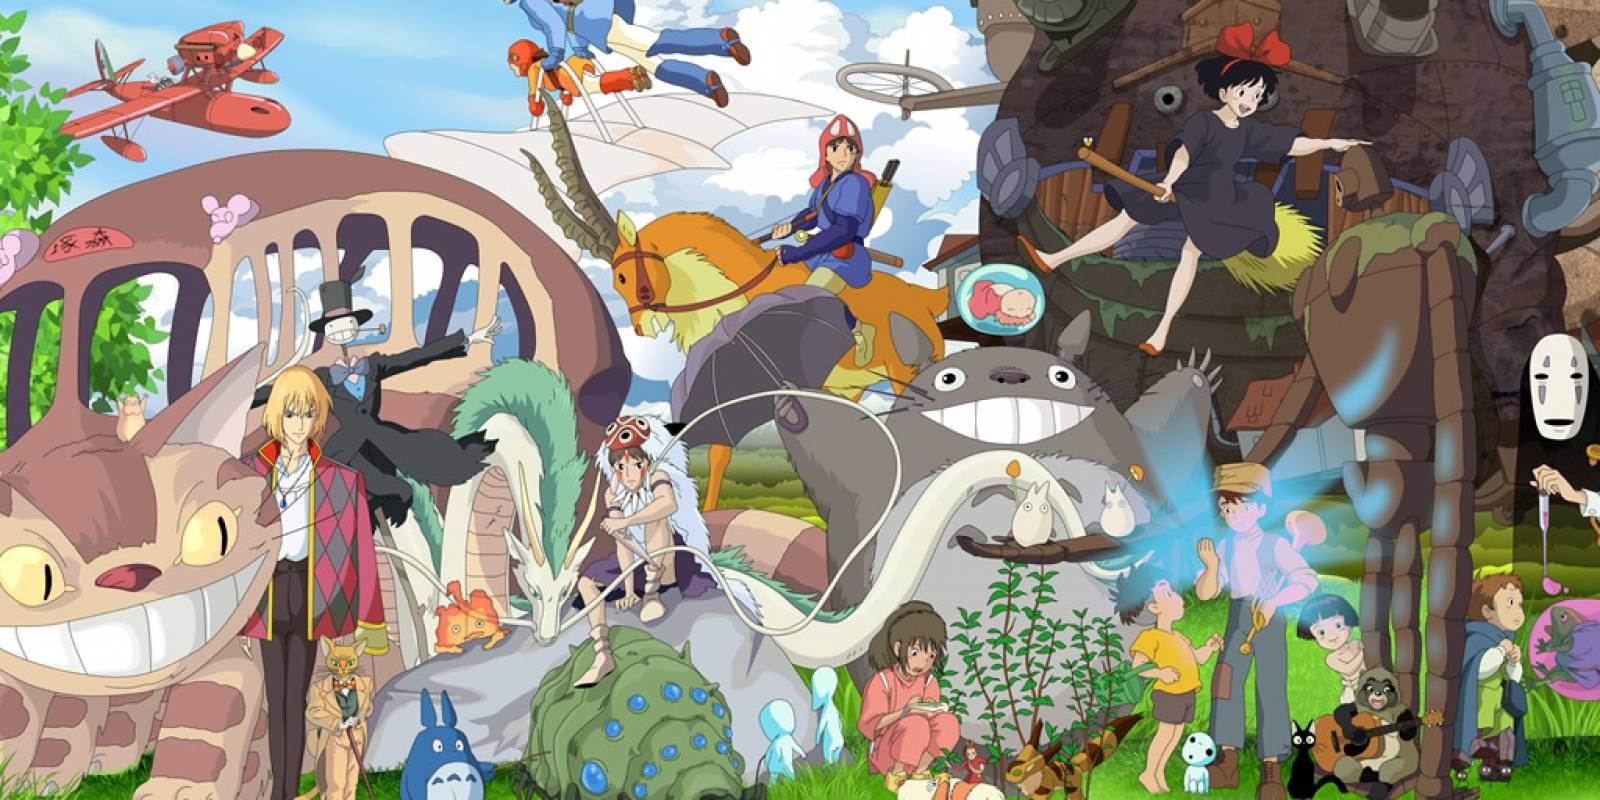 Las películas de Studio Ghibli llegan a Netflix Latinoamerica